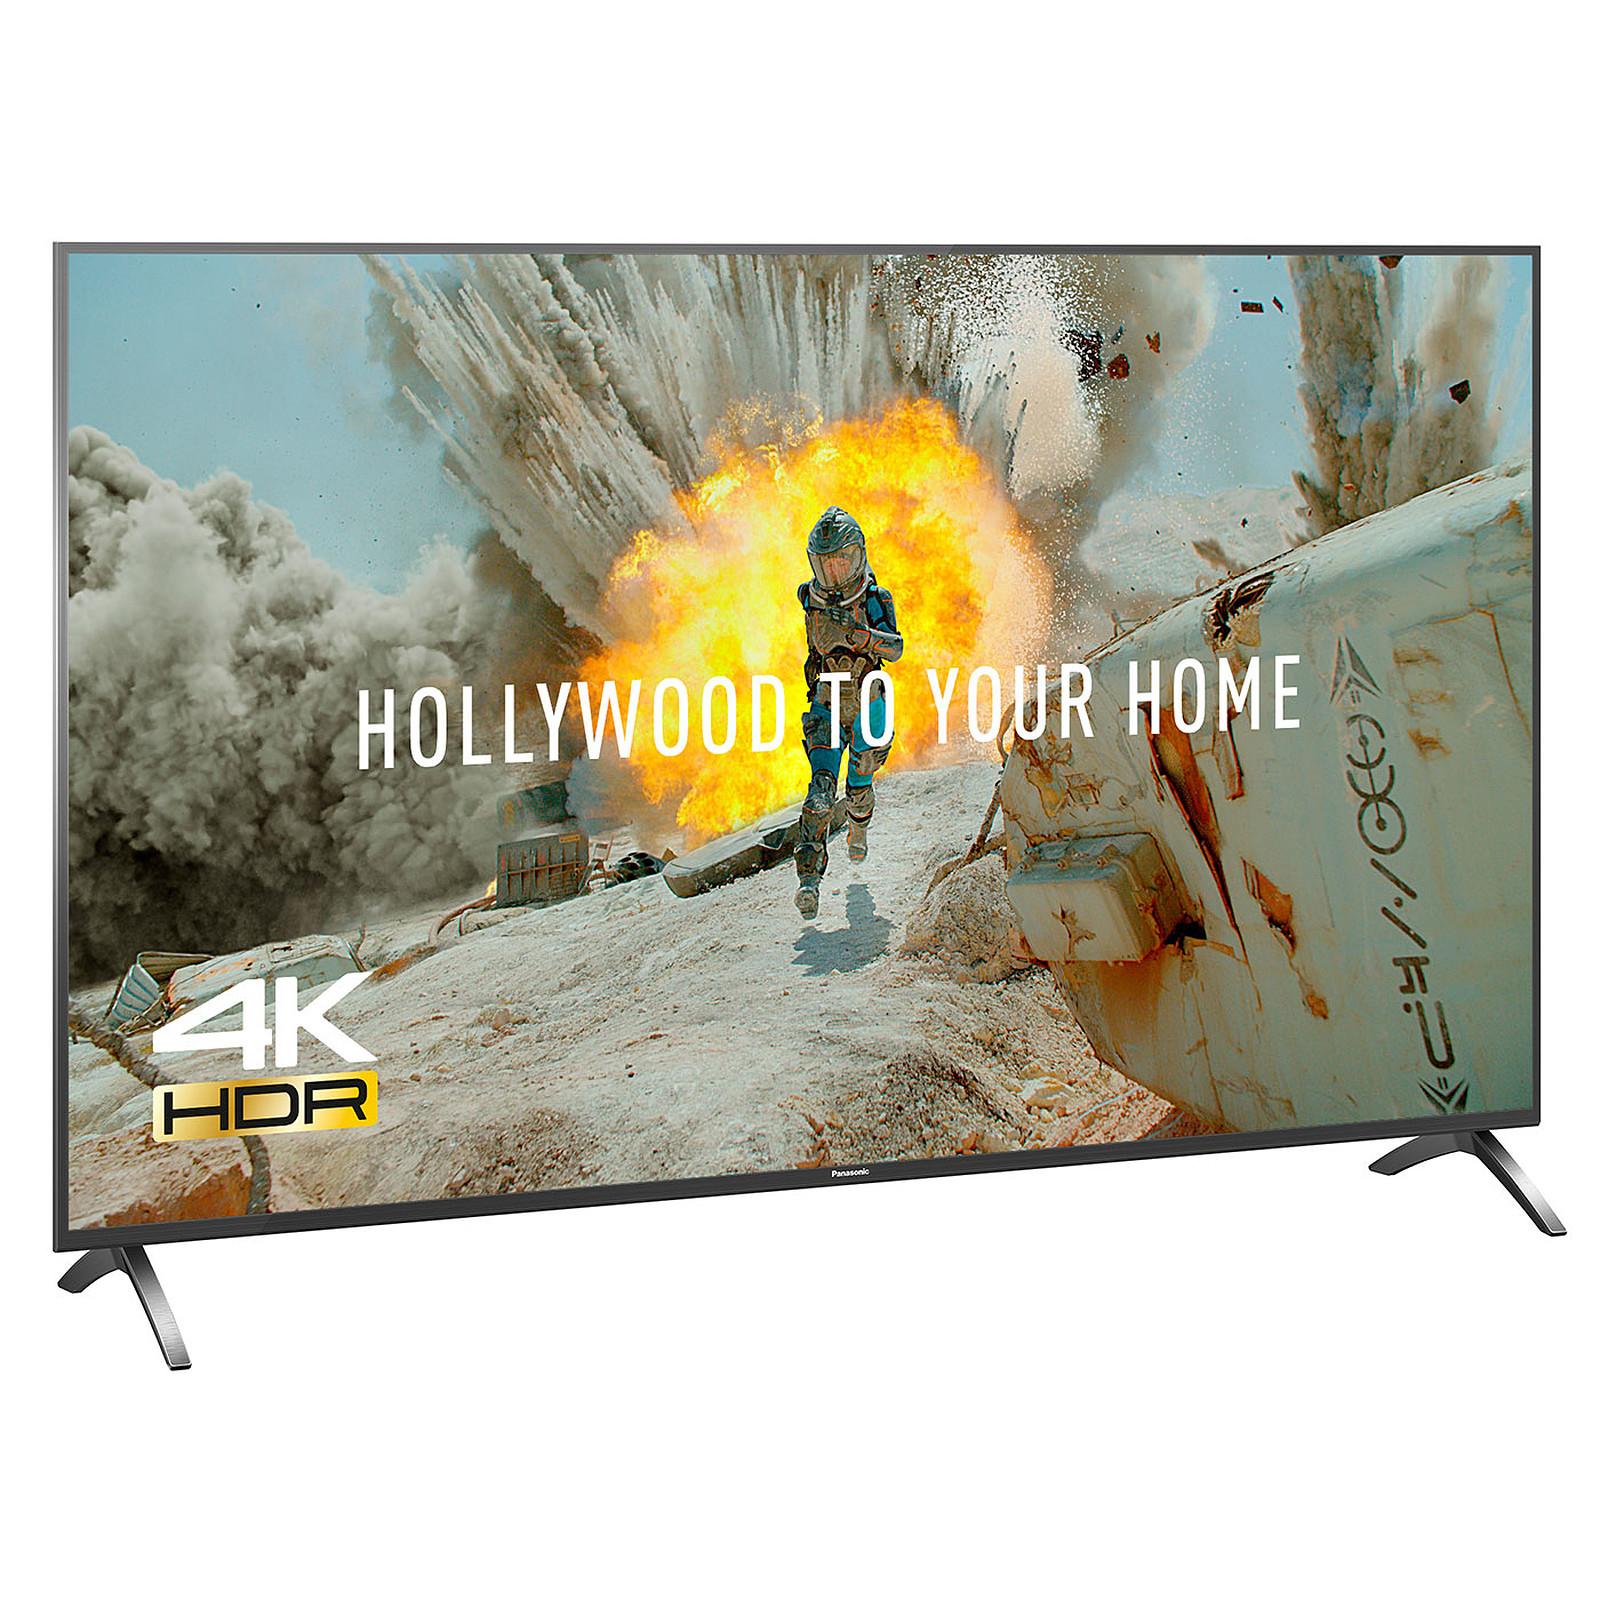 """TV 55"""" Panasonic TX-55FX700 - LED, 4K UHD, HDR 10, Smart TV"""